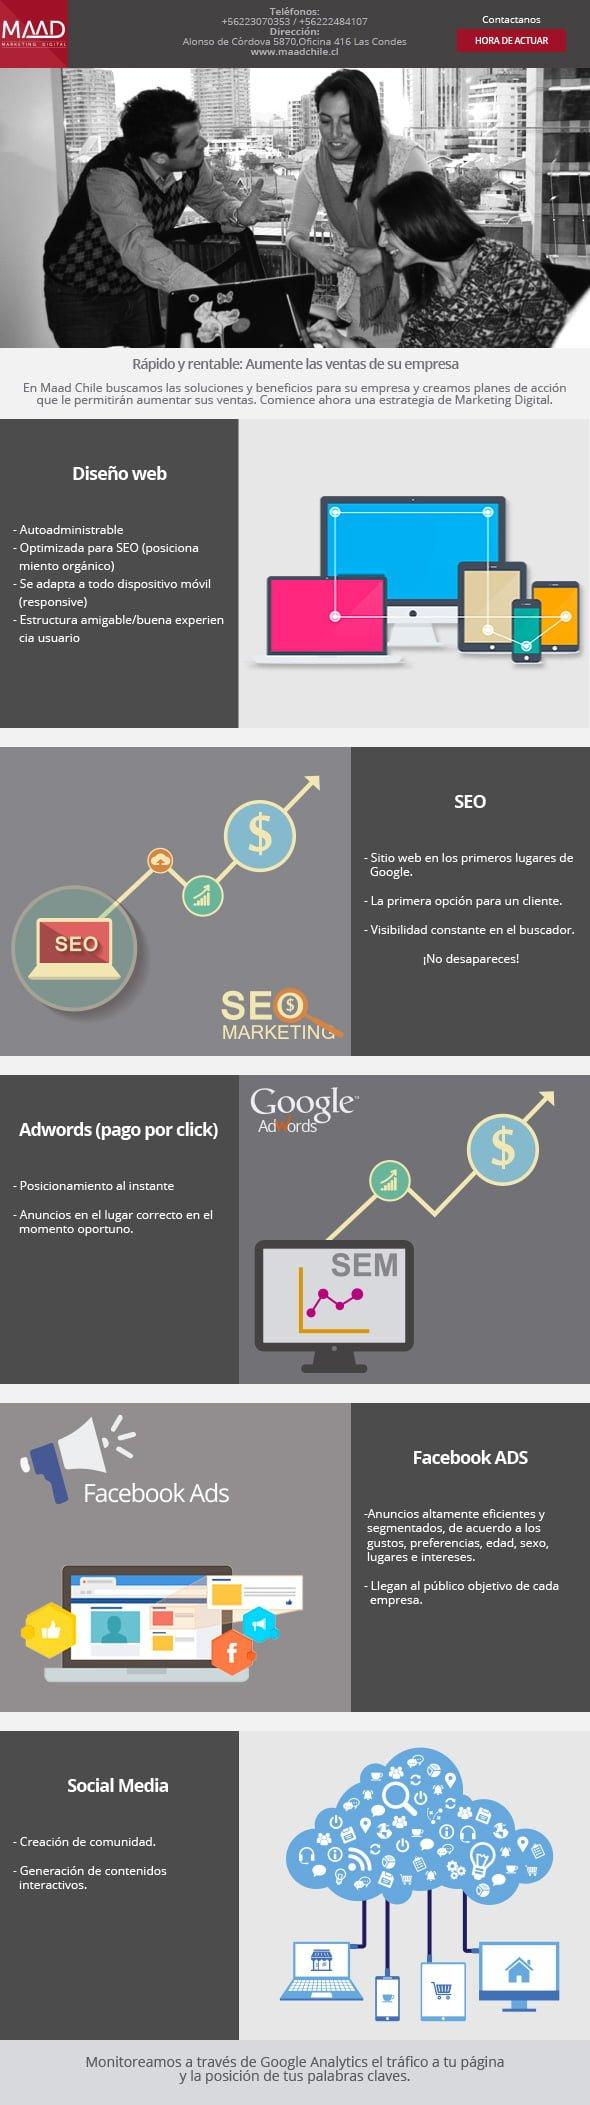 infografia-servicios